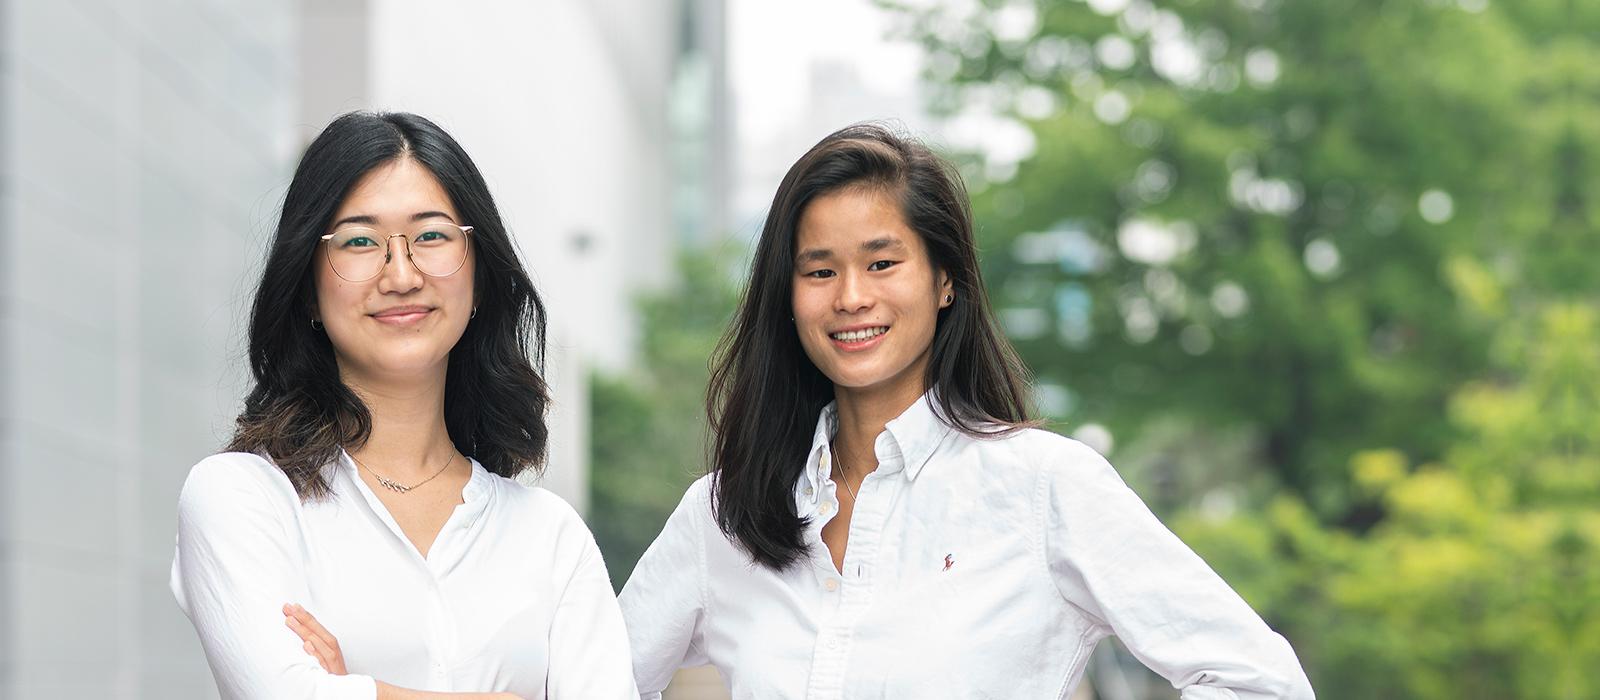 Mandy Hui and Liana Meere